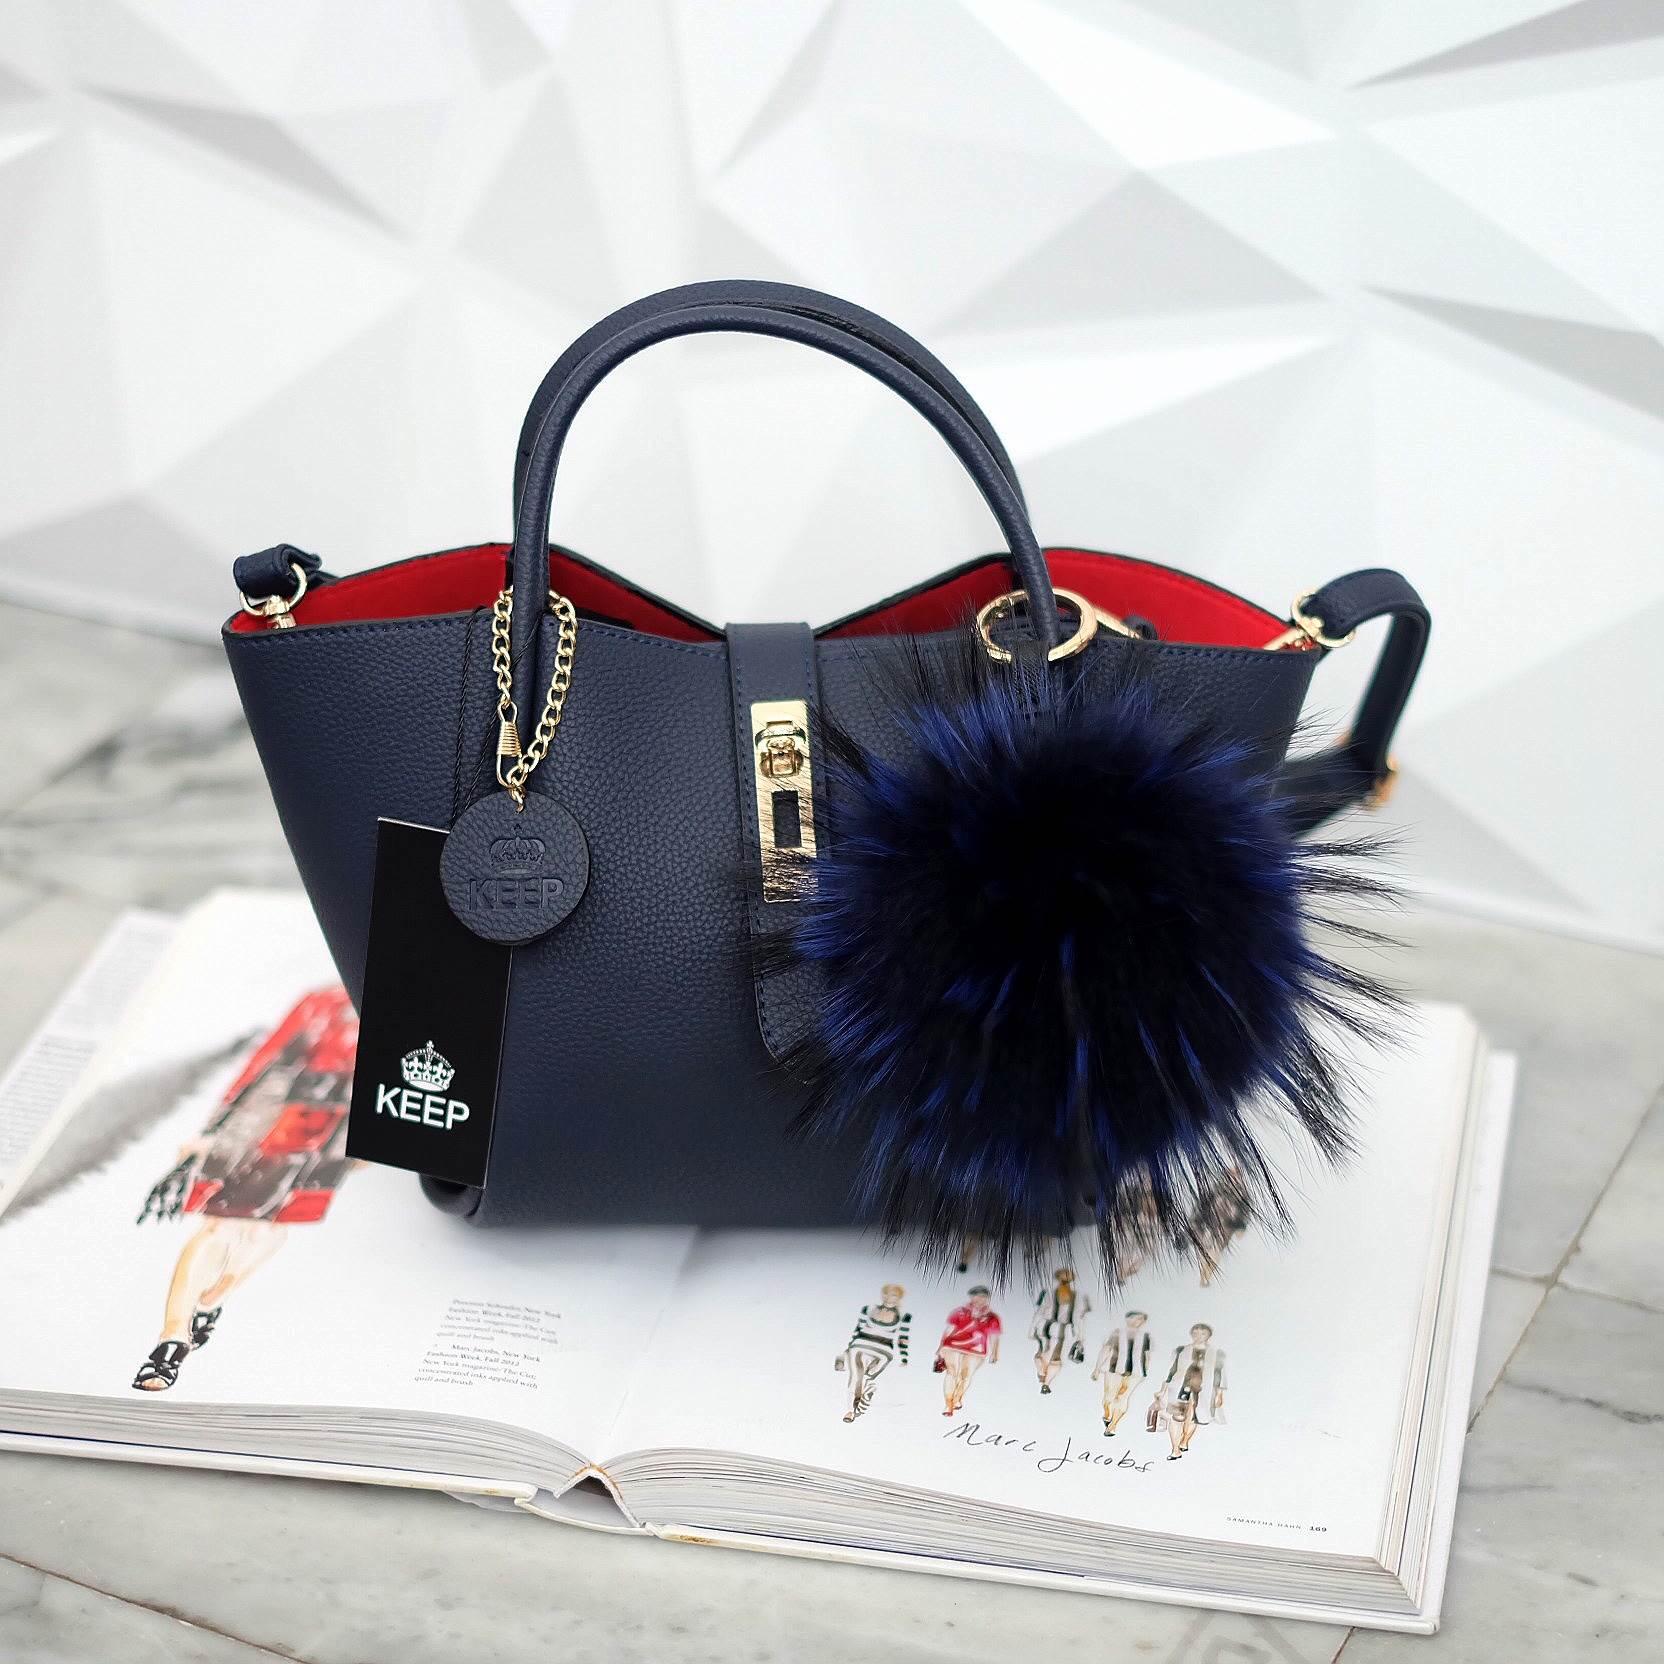 กระเป๋า KEEP Everyday Keep Handbag ราคา 1,390 บาท Free Ems